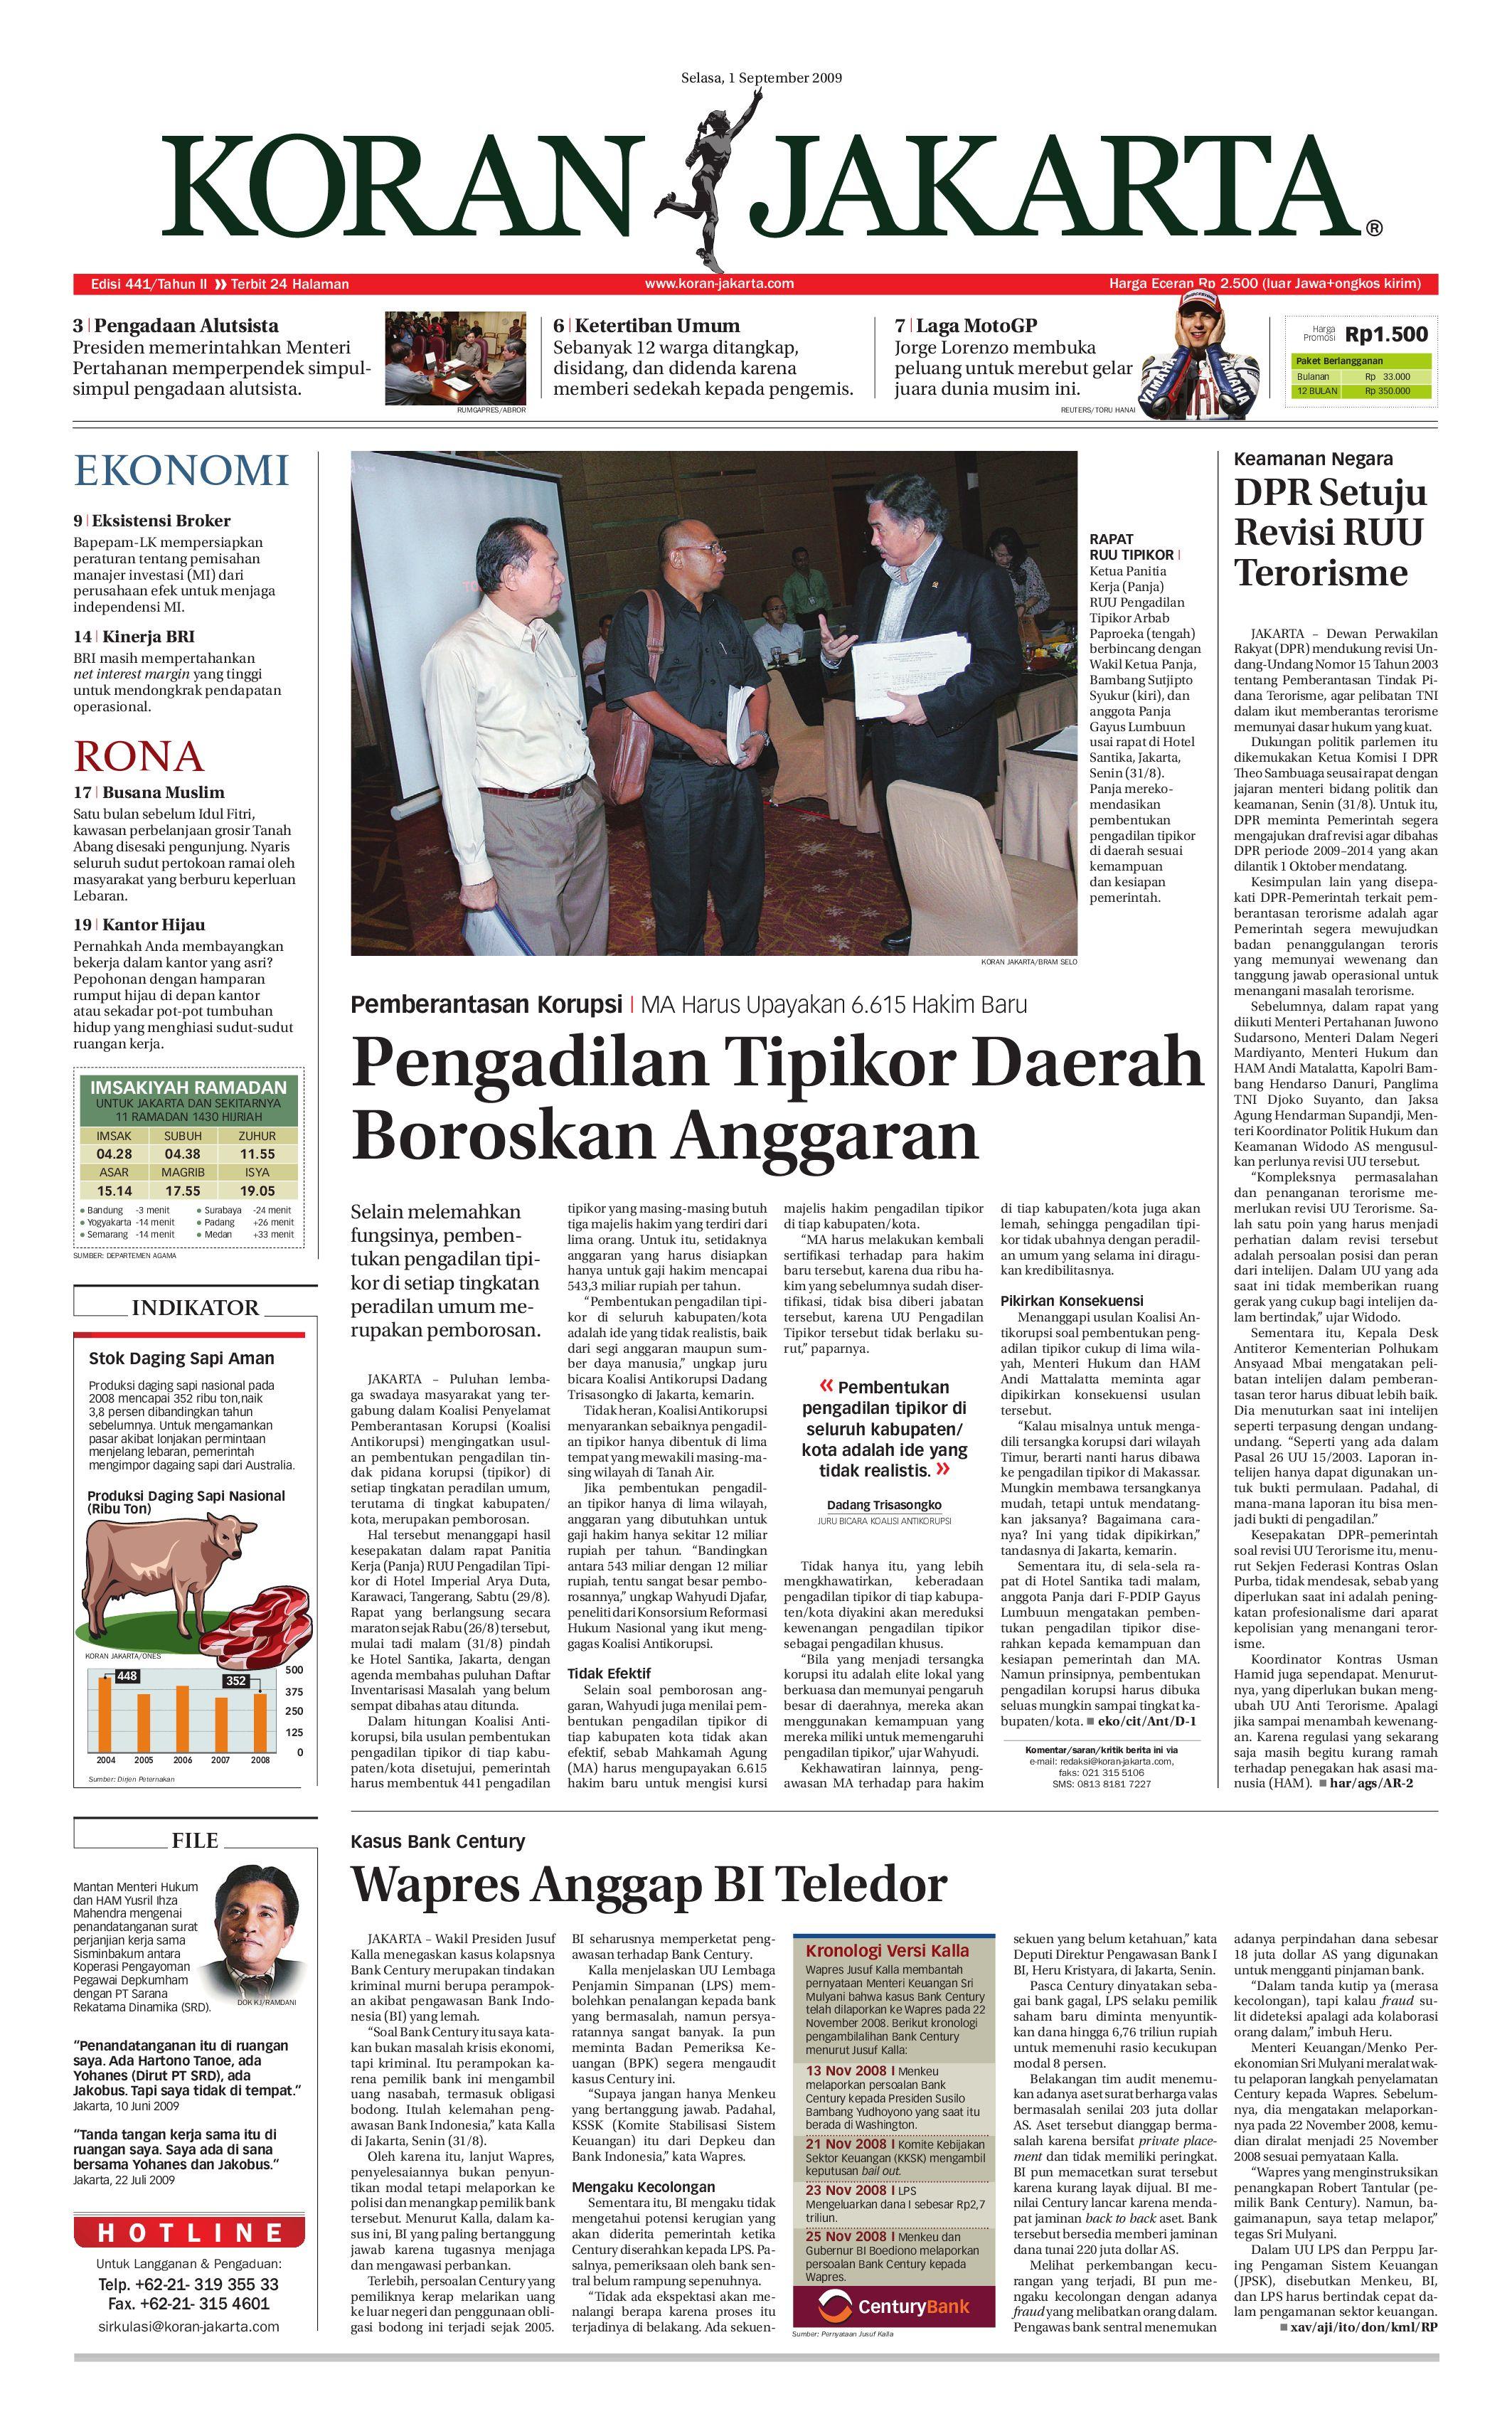 Edisi 441 01 September 2009 By Pt Berita Nusantara Issuu Produk Ukm Bumn Dress Gamis Batik Motif Ayam Bekisar